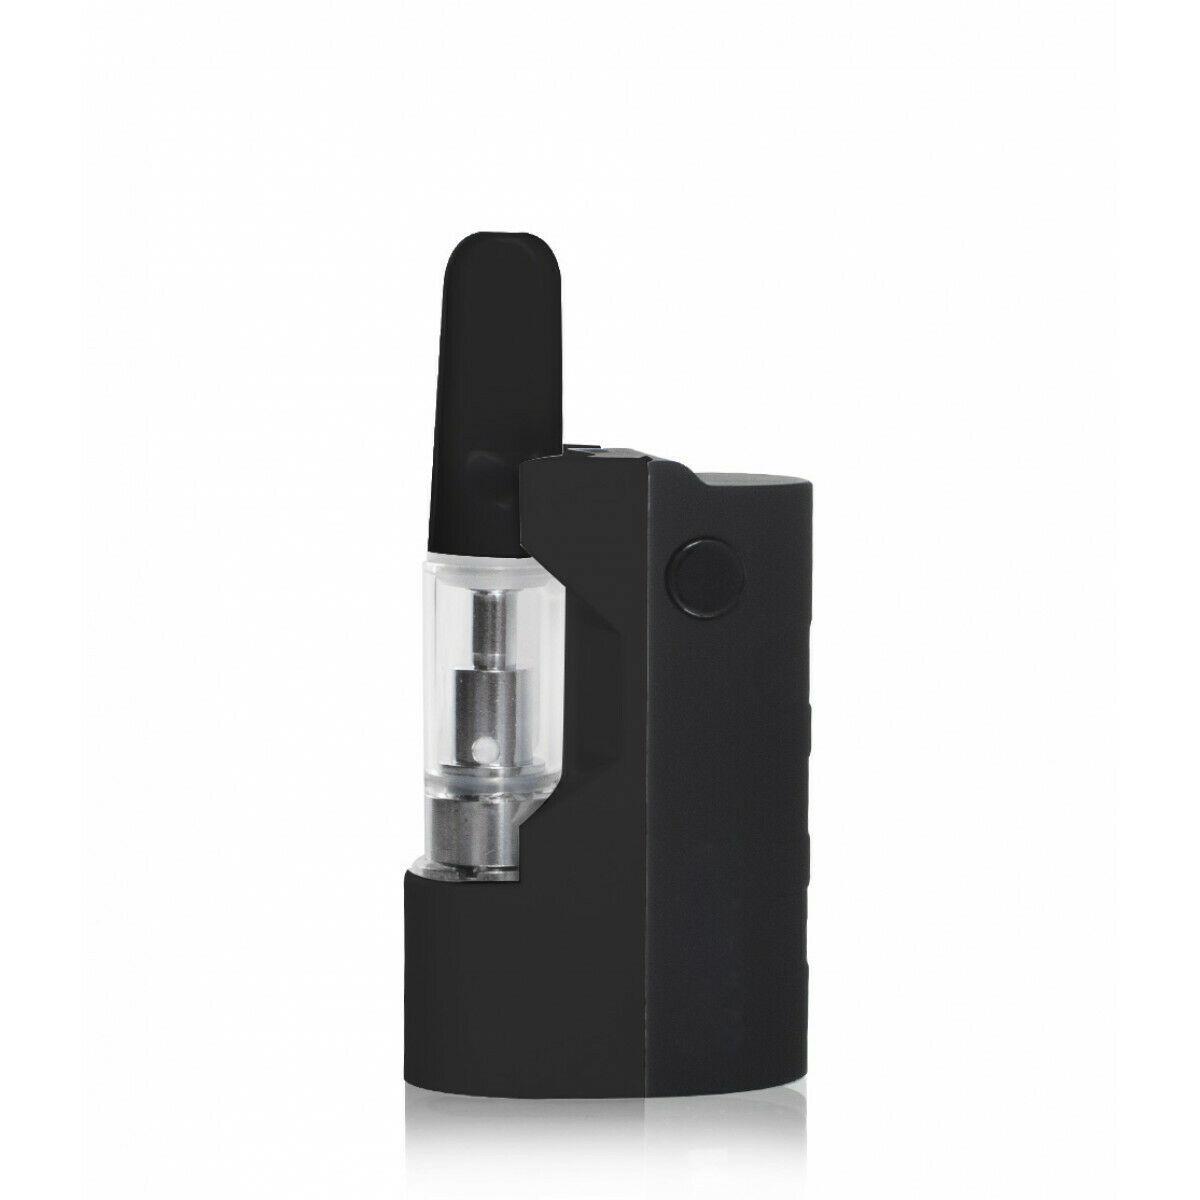 iMini E-smoking Tube Kit Temp Setting Kit  black